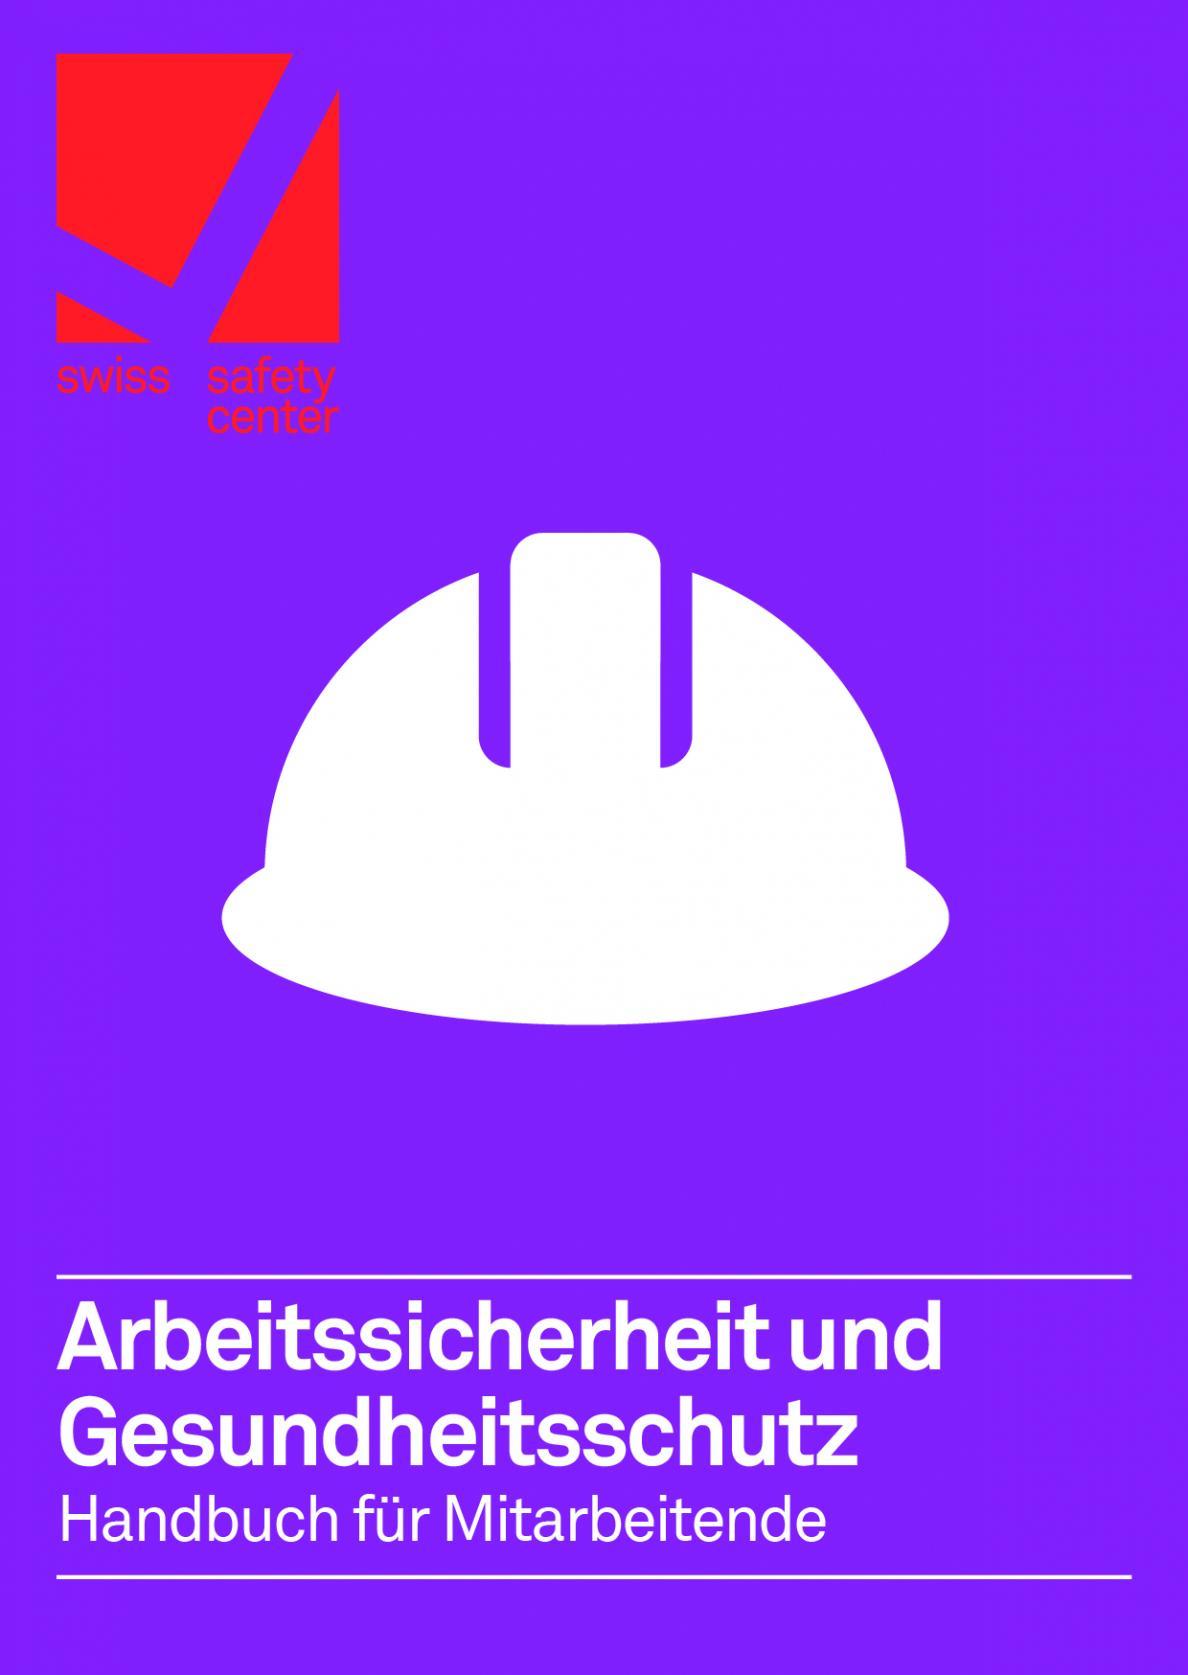 Hanbuch Arbeitssicherheit und Gesundheitsschutz